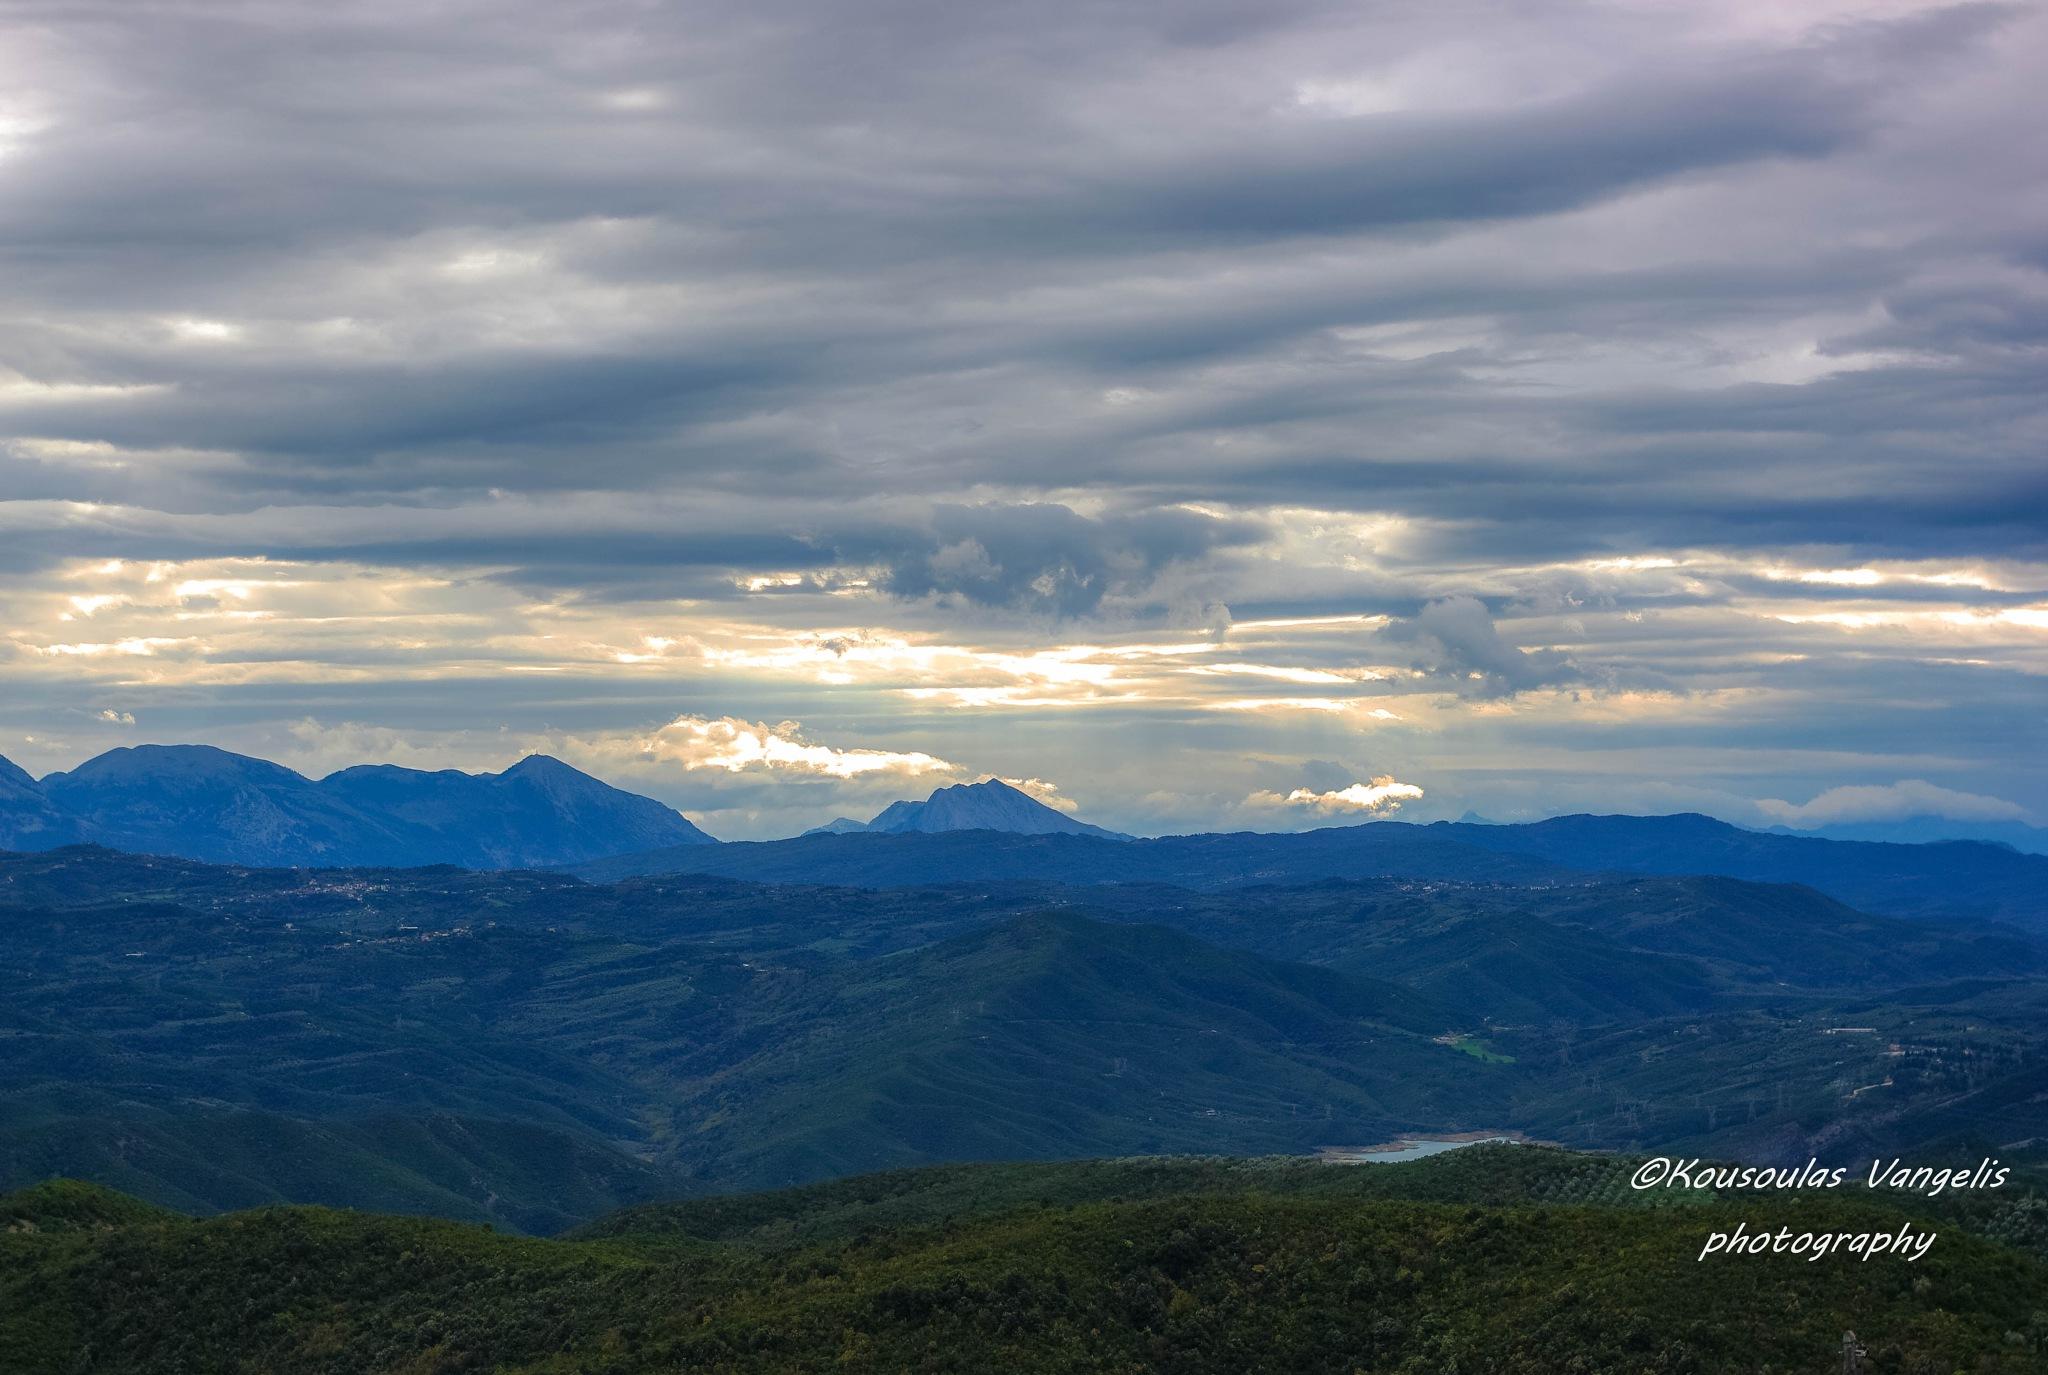 cloudy horizon by kousoulas vangelis